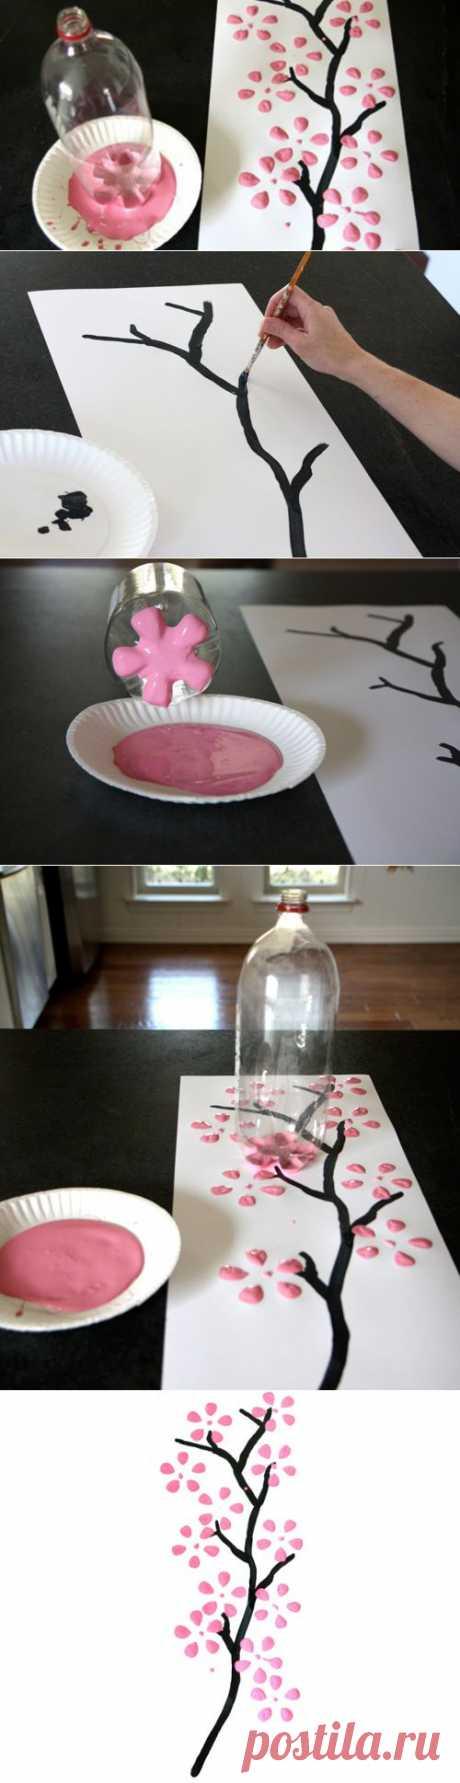 Панно «Сакура»: рисуем бутылкой / Интересные идеи декора / PassionForum - мастер-классы по рукоделию